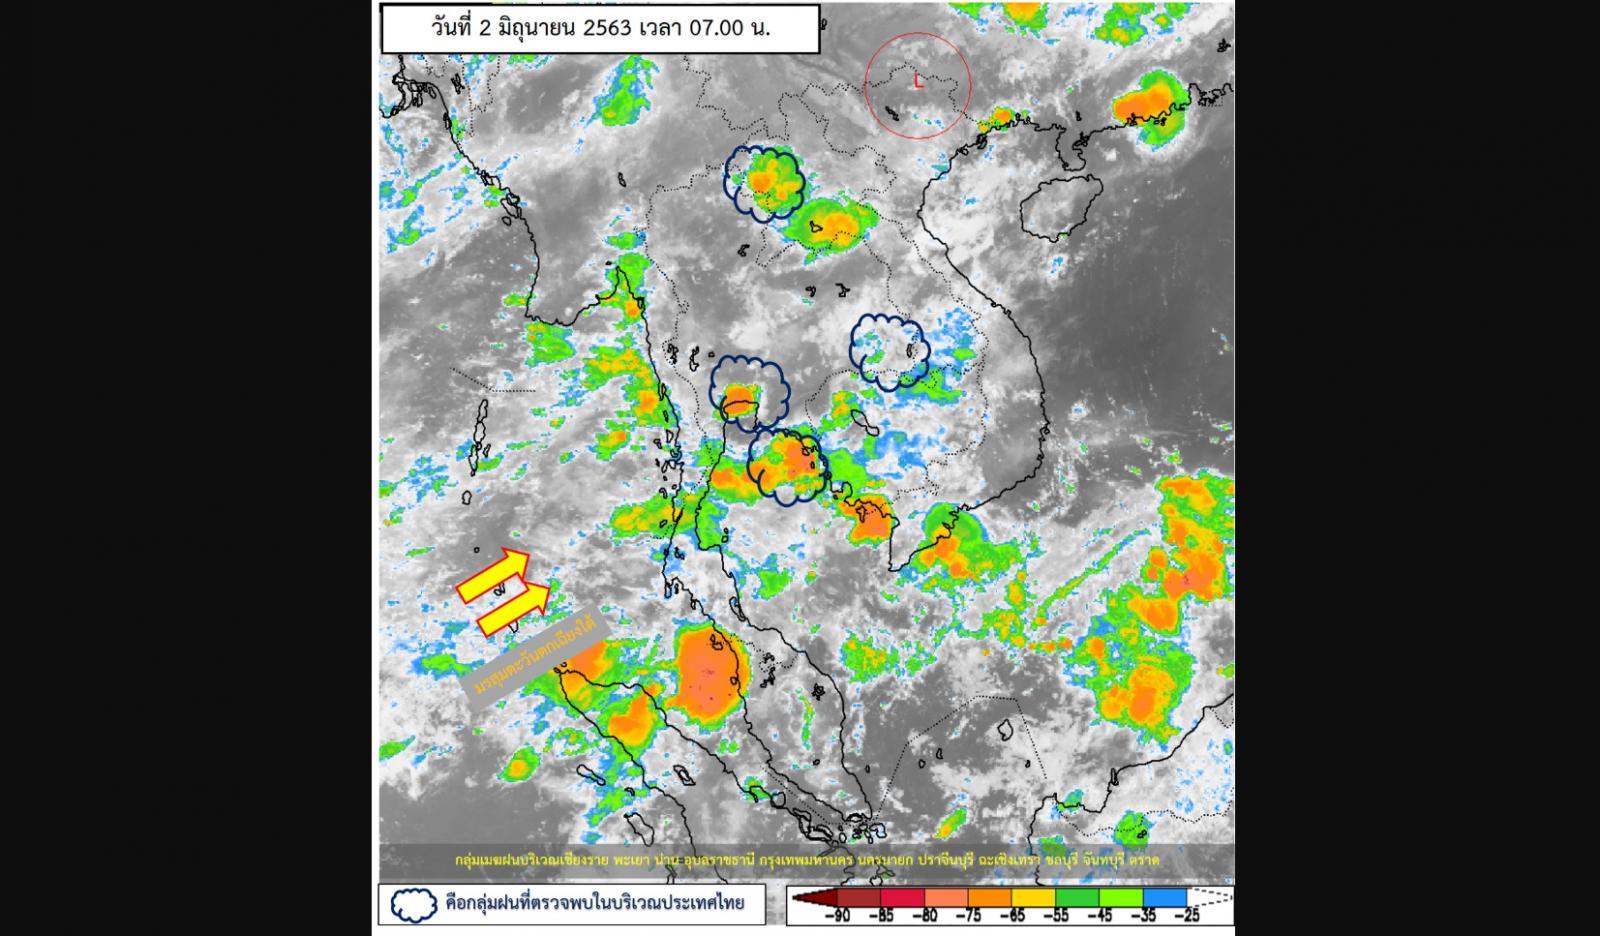 สภาพอากาศวันนี้ ไทยฝนตกหนักทุกภาค กทม.มีปริมาณฝน 60%